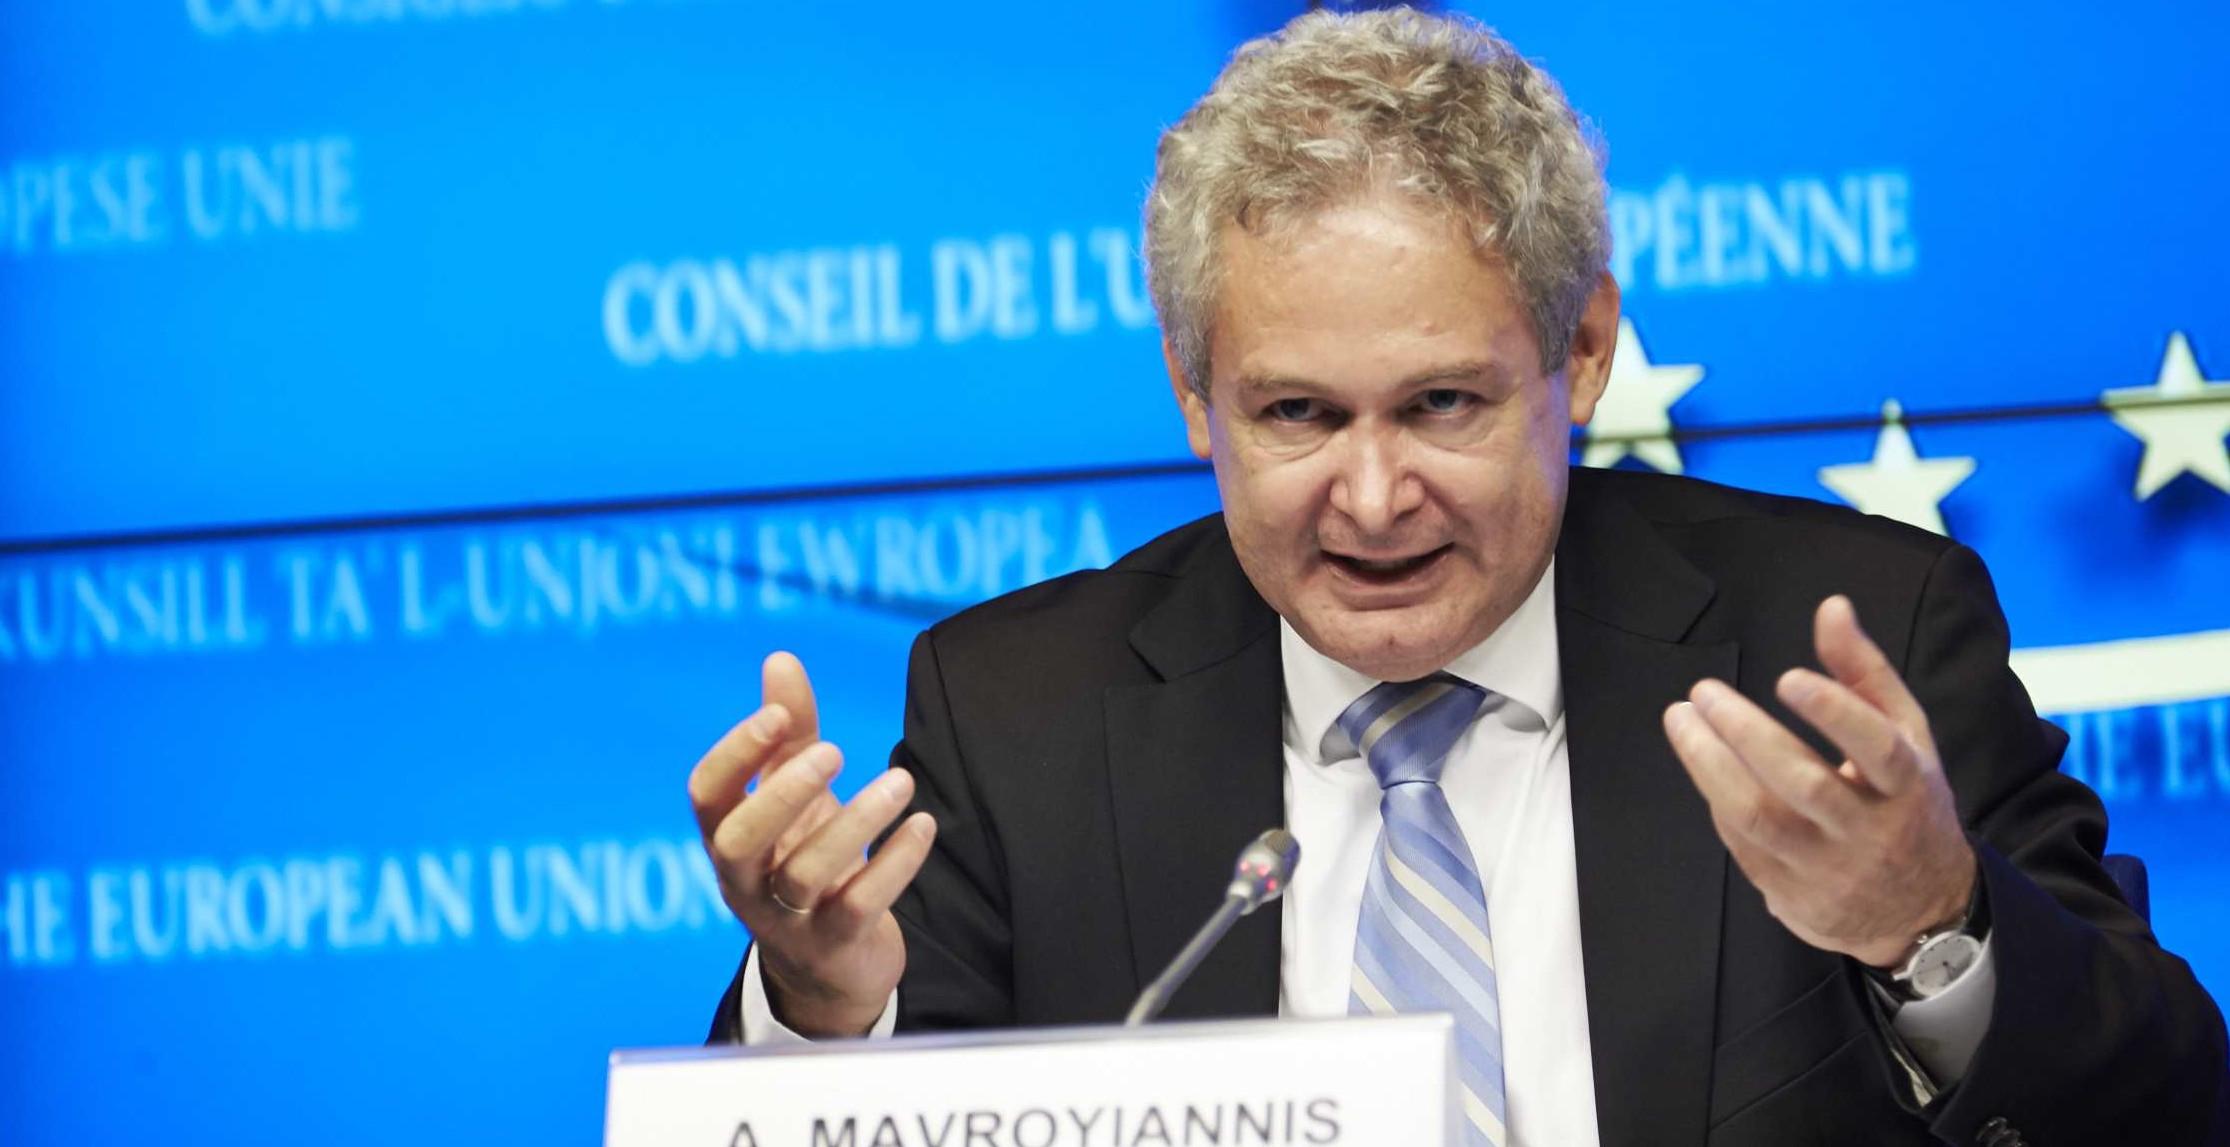 Mavroyannis;   Müzakereler KKTC'deki seçimden sonra